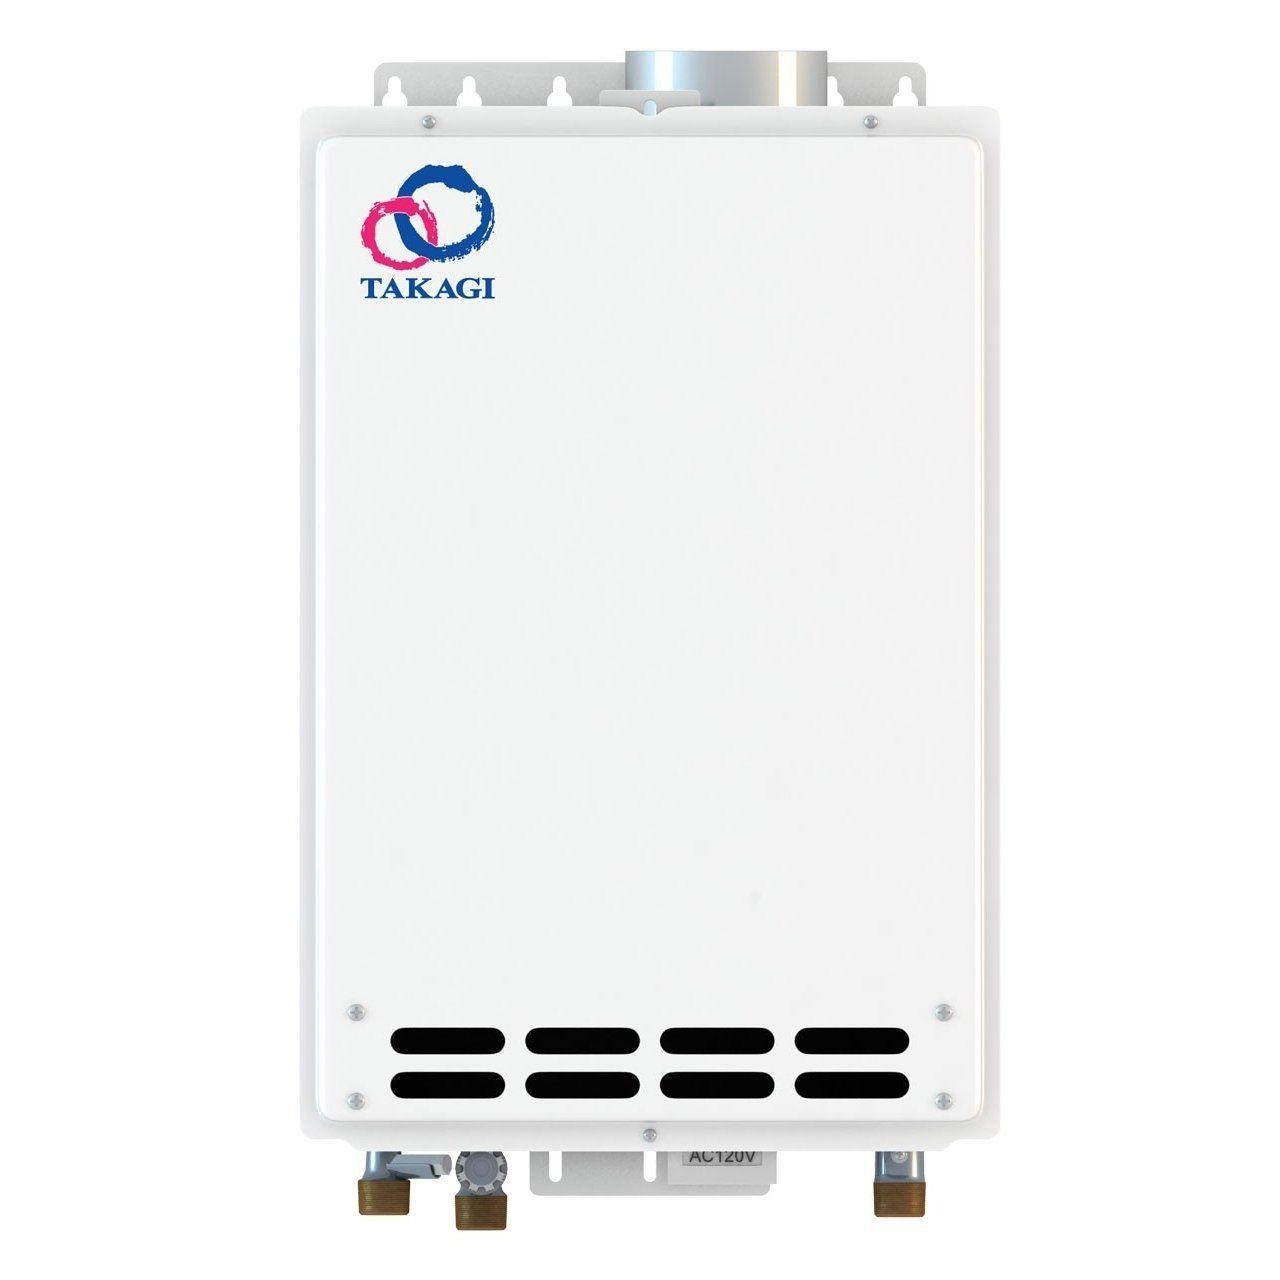 takagi tankless water heater. Takagi T-KJr2-IN-LP Indoor Tankless Water Heater, Propane - Heater